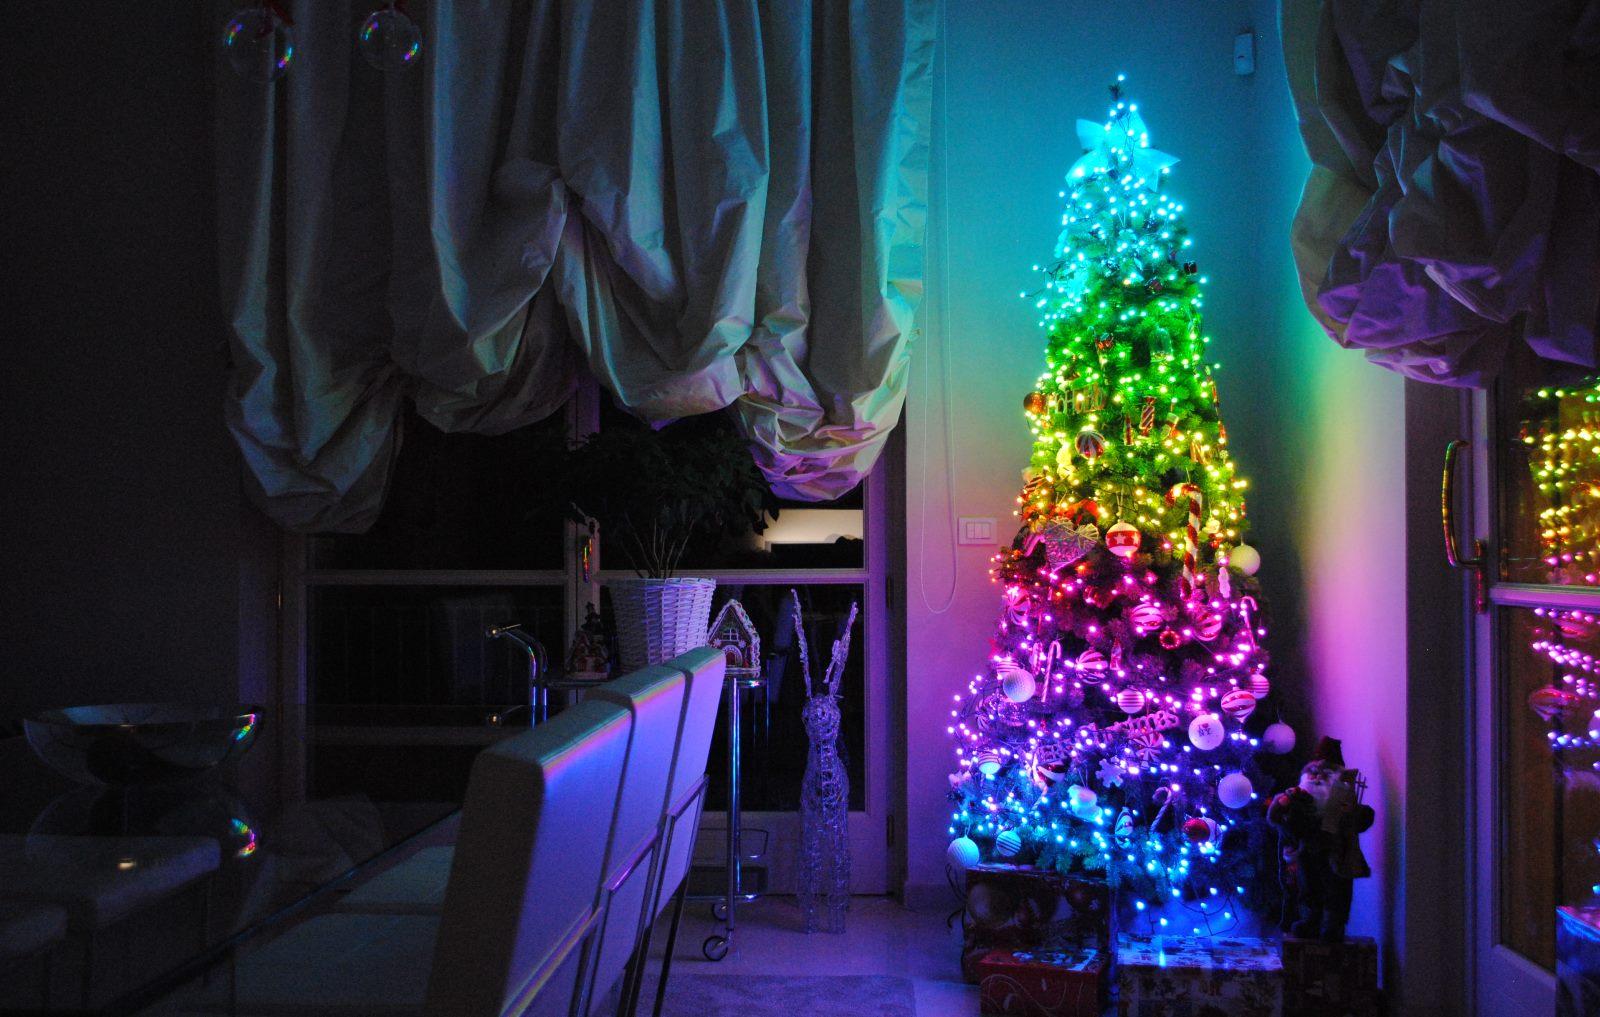 Wann Macht Man Die Weihnachtsbeleuchtung An.Twinkly Weihnachtsbeleuchtung